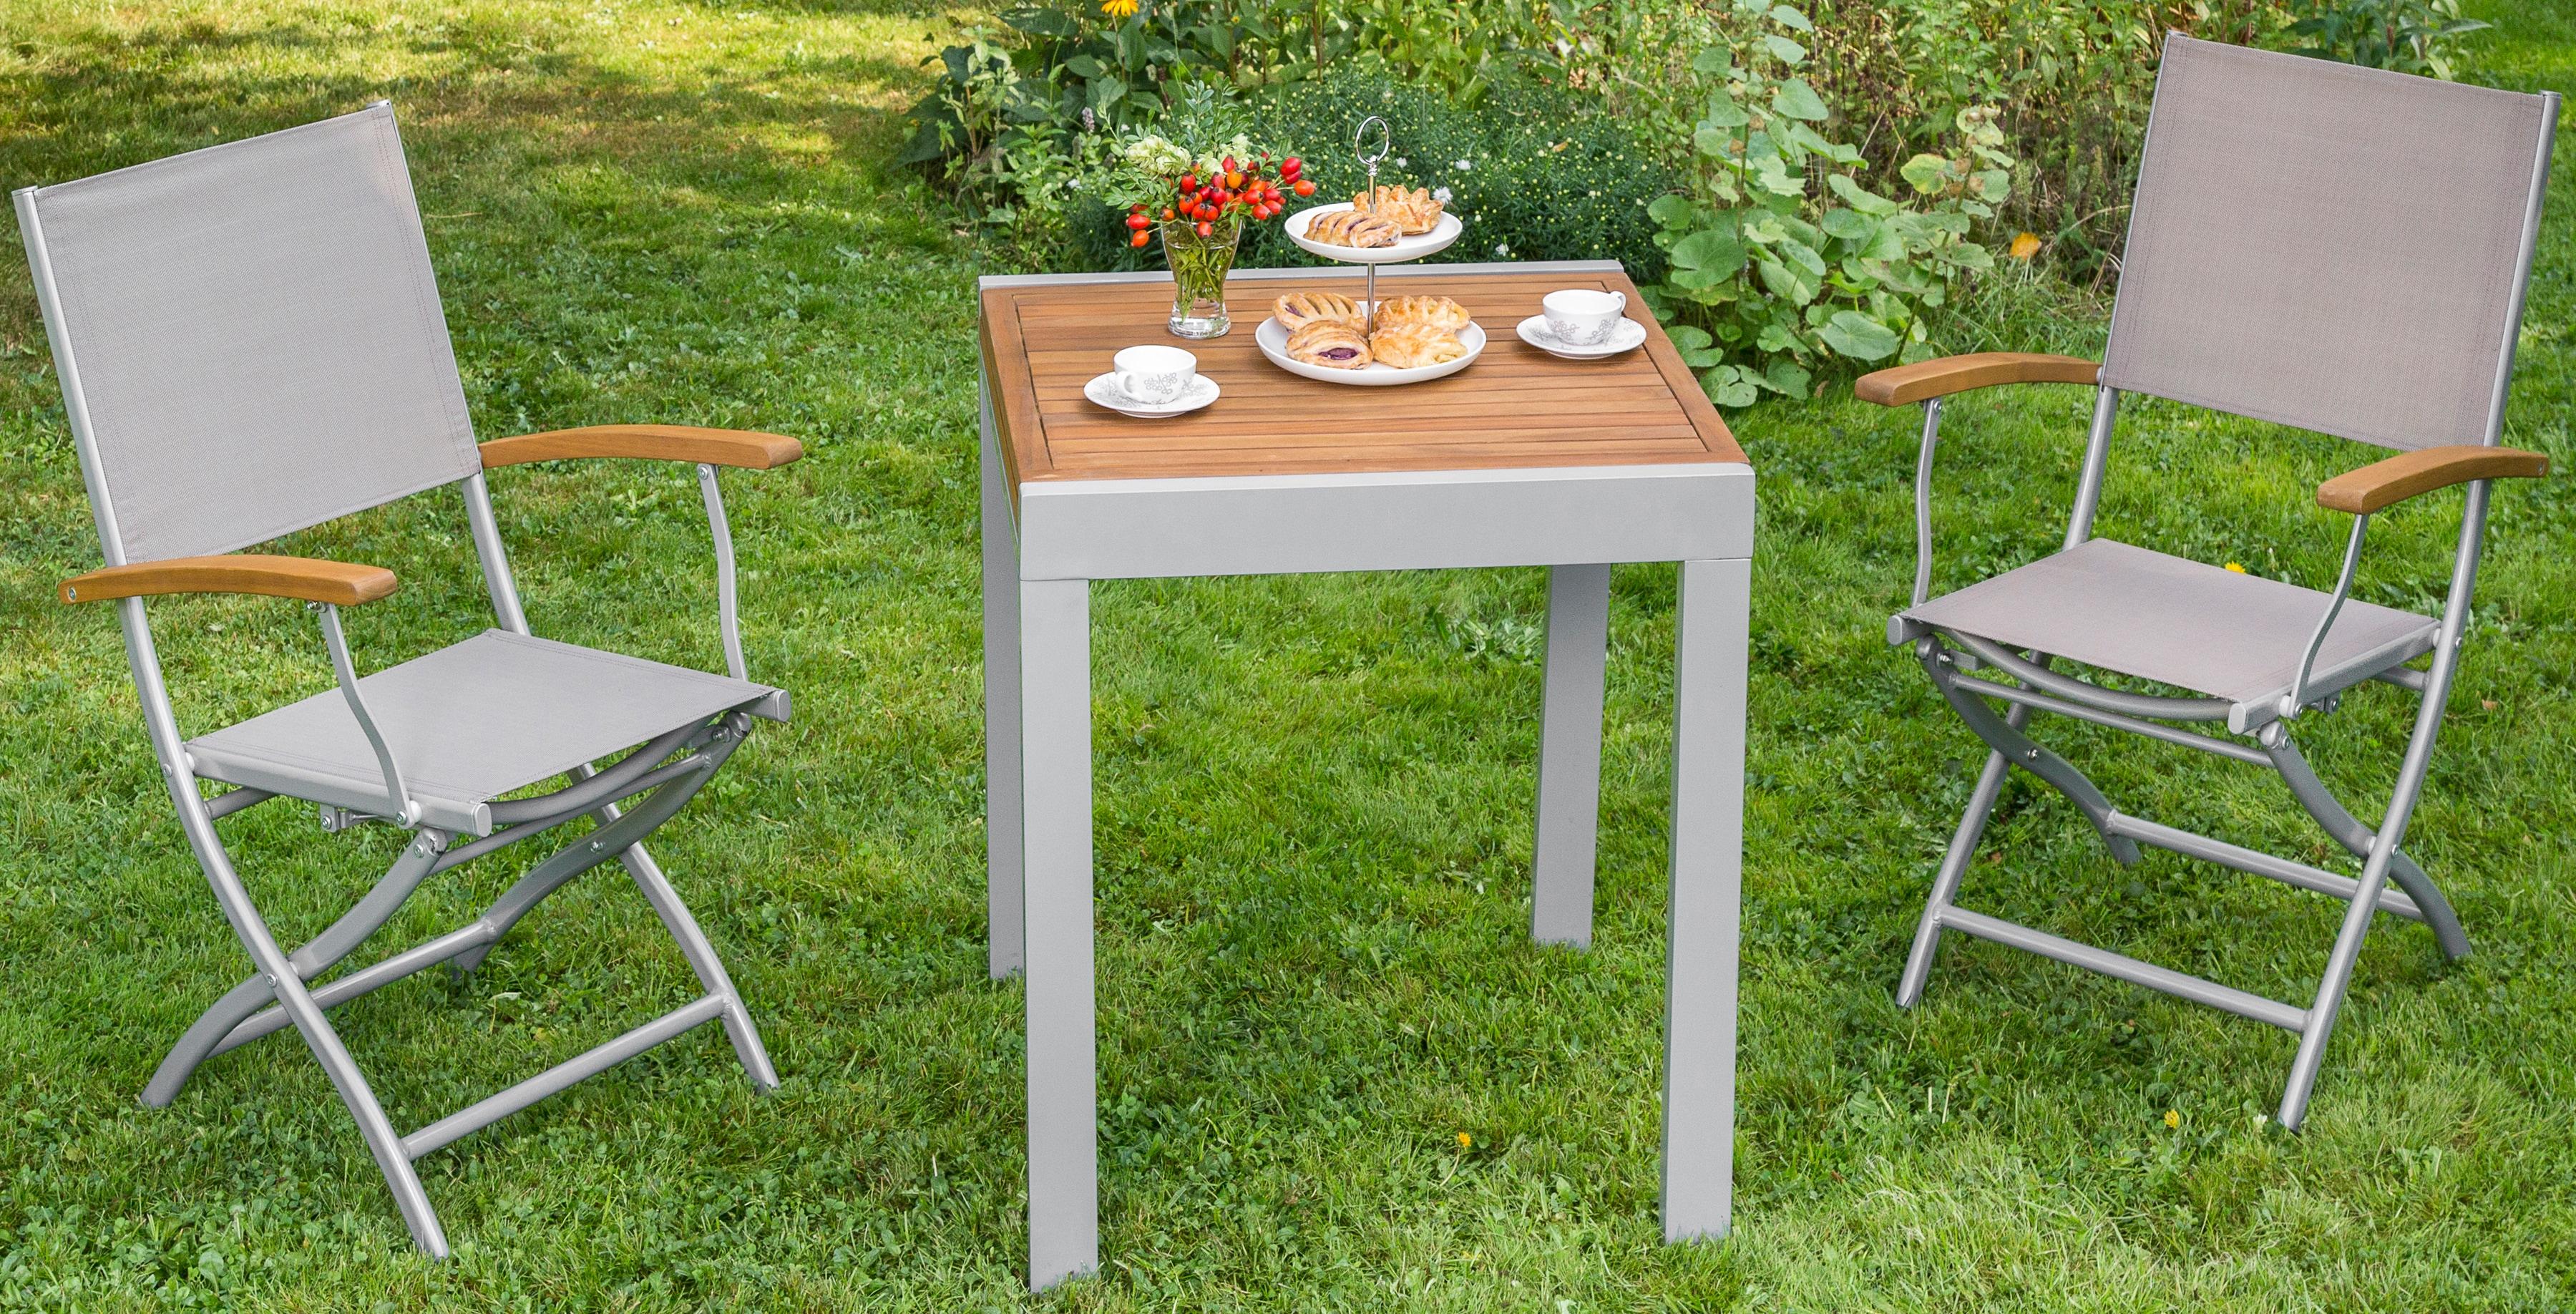 MERXX Gartentisch »Balkonauszieh-tisch«, Akazienholz/Alu, ausziehbar, 130x65 cm, braun   Garten > Balkon > Balkontische   MERXX